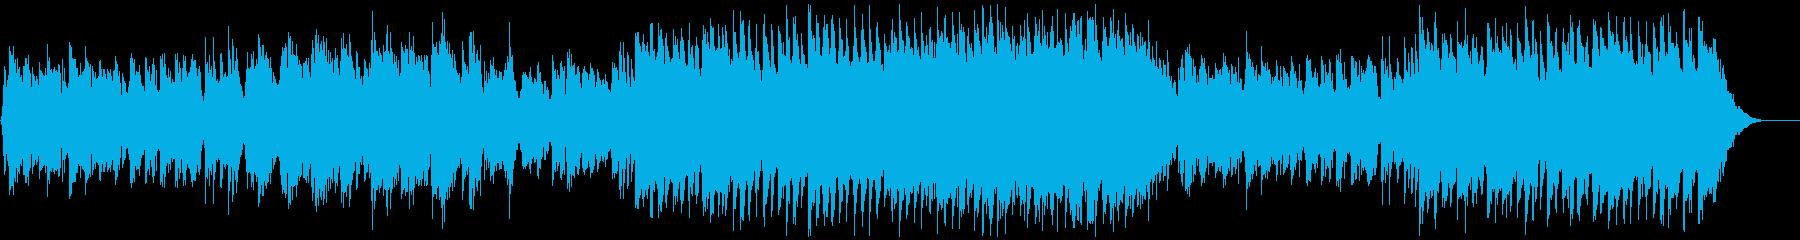 【リズムなし】和・アジアBGMの再生済みの波形